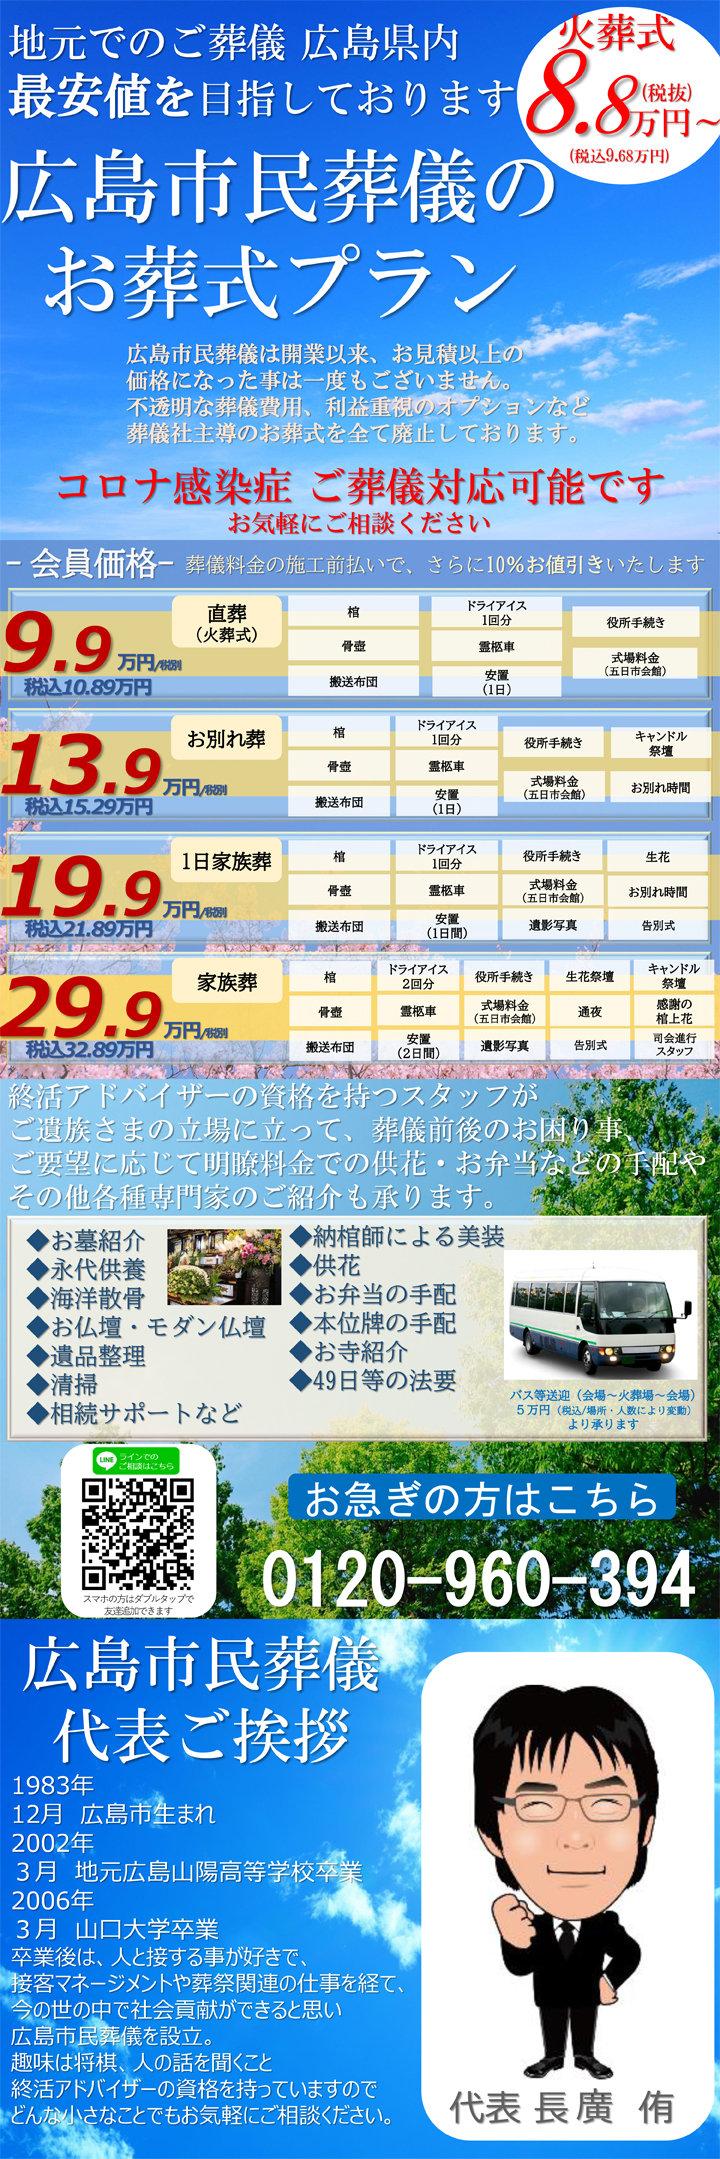 広島市民葬儀さま新料金表